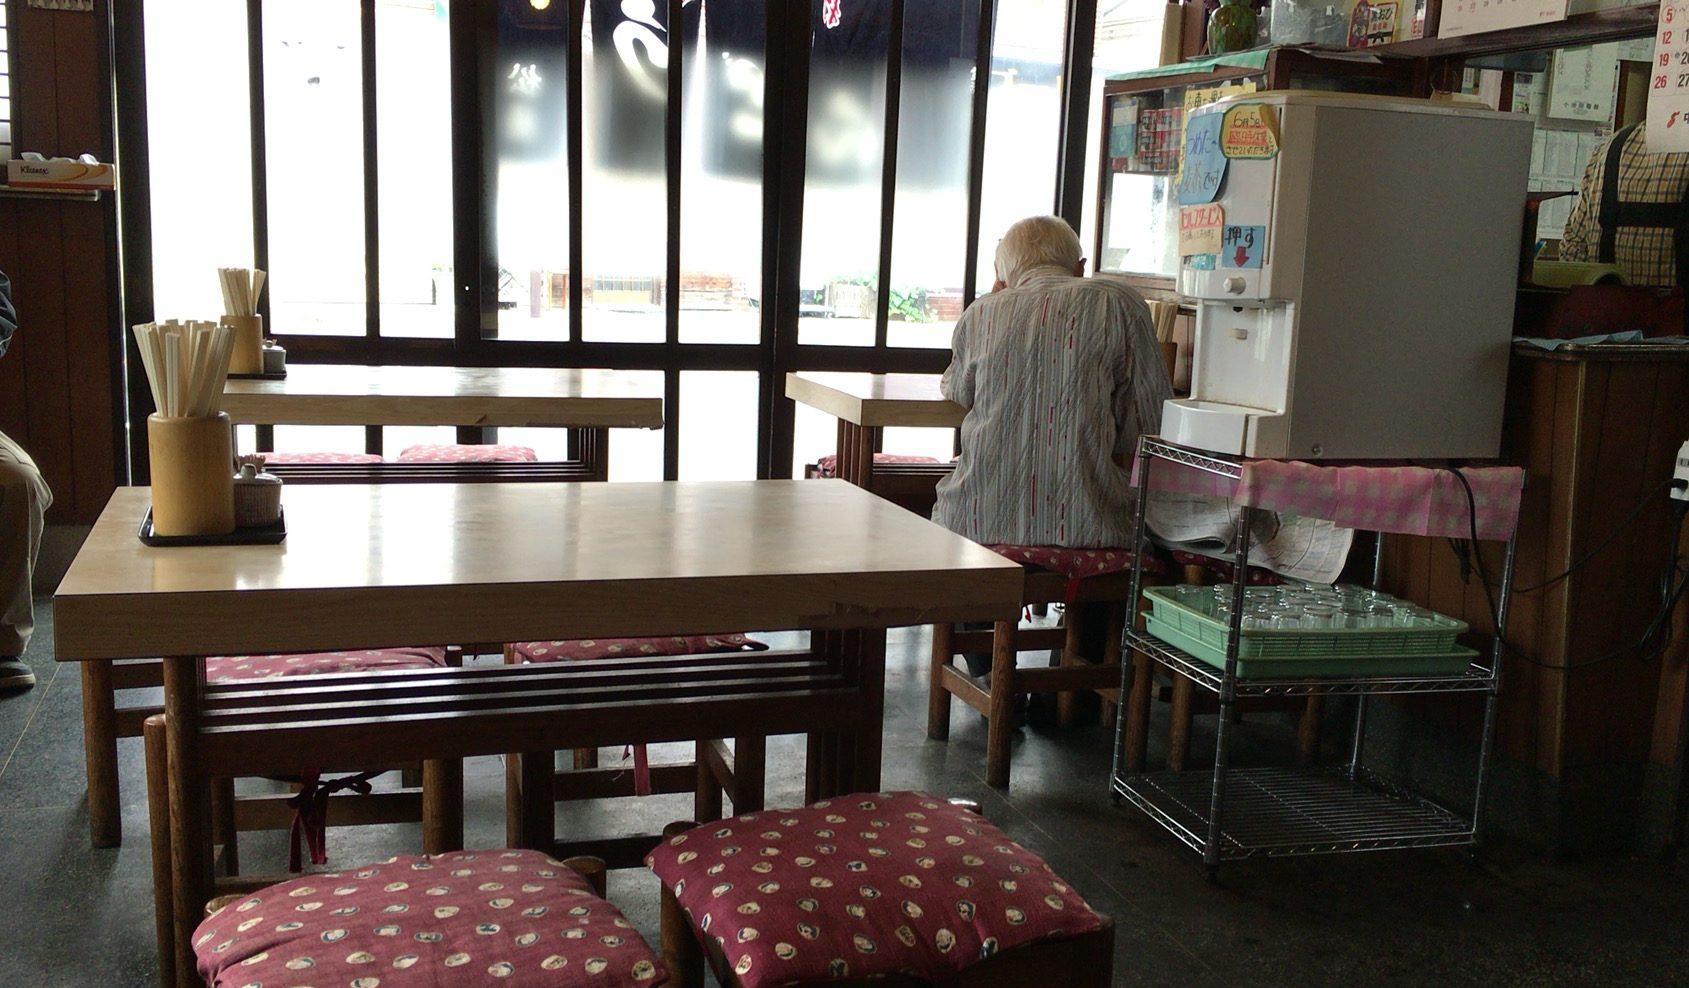 【桶川市】カレーうどんを食べたい時は「松屋」がおすすめ!